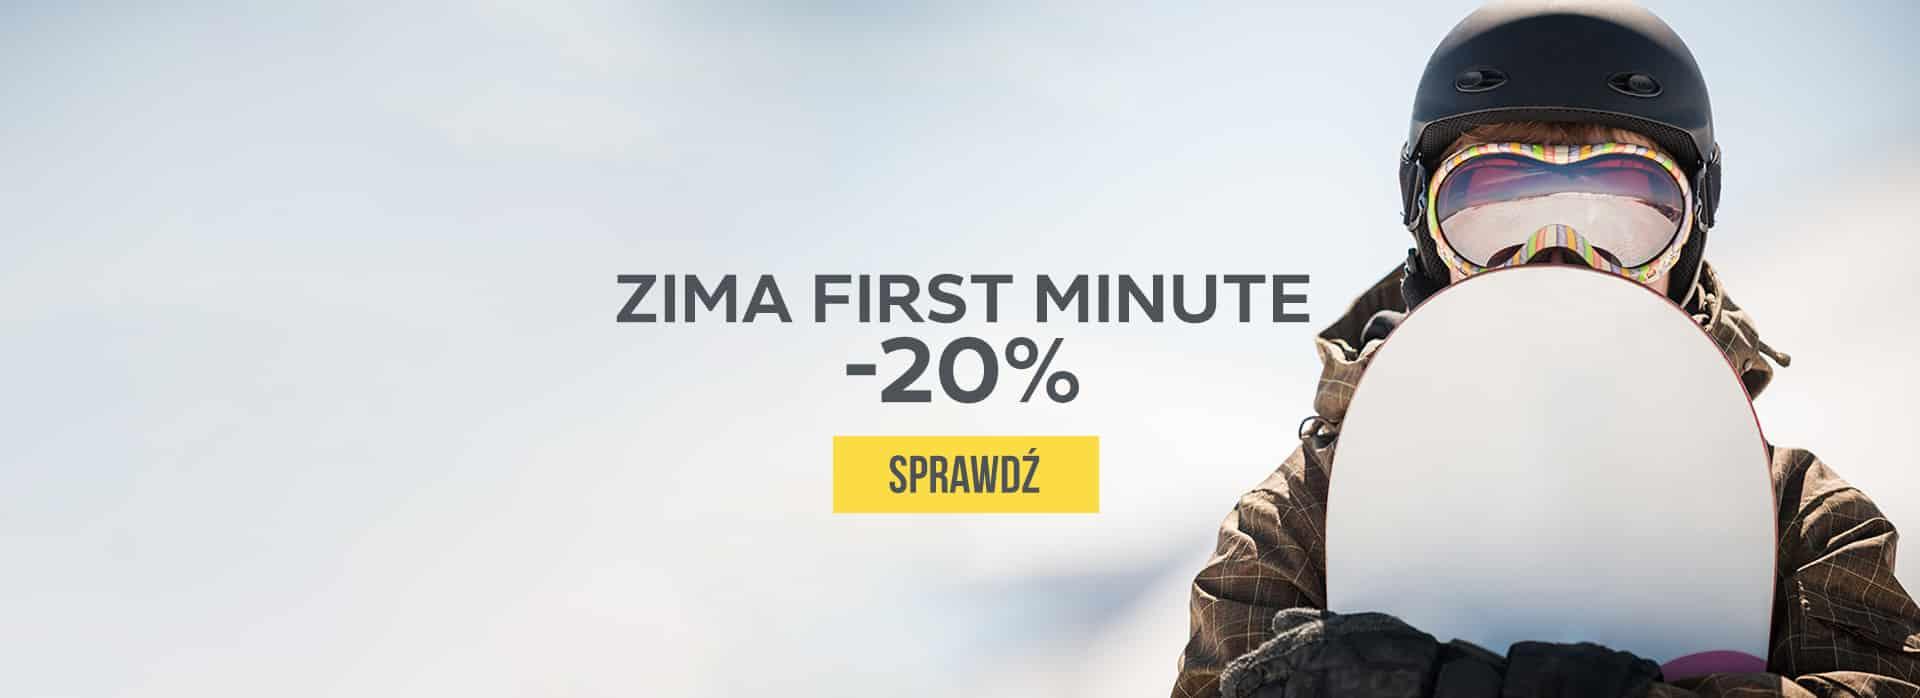 Zima First Minute -20%. Sprawdź